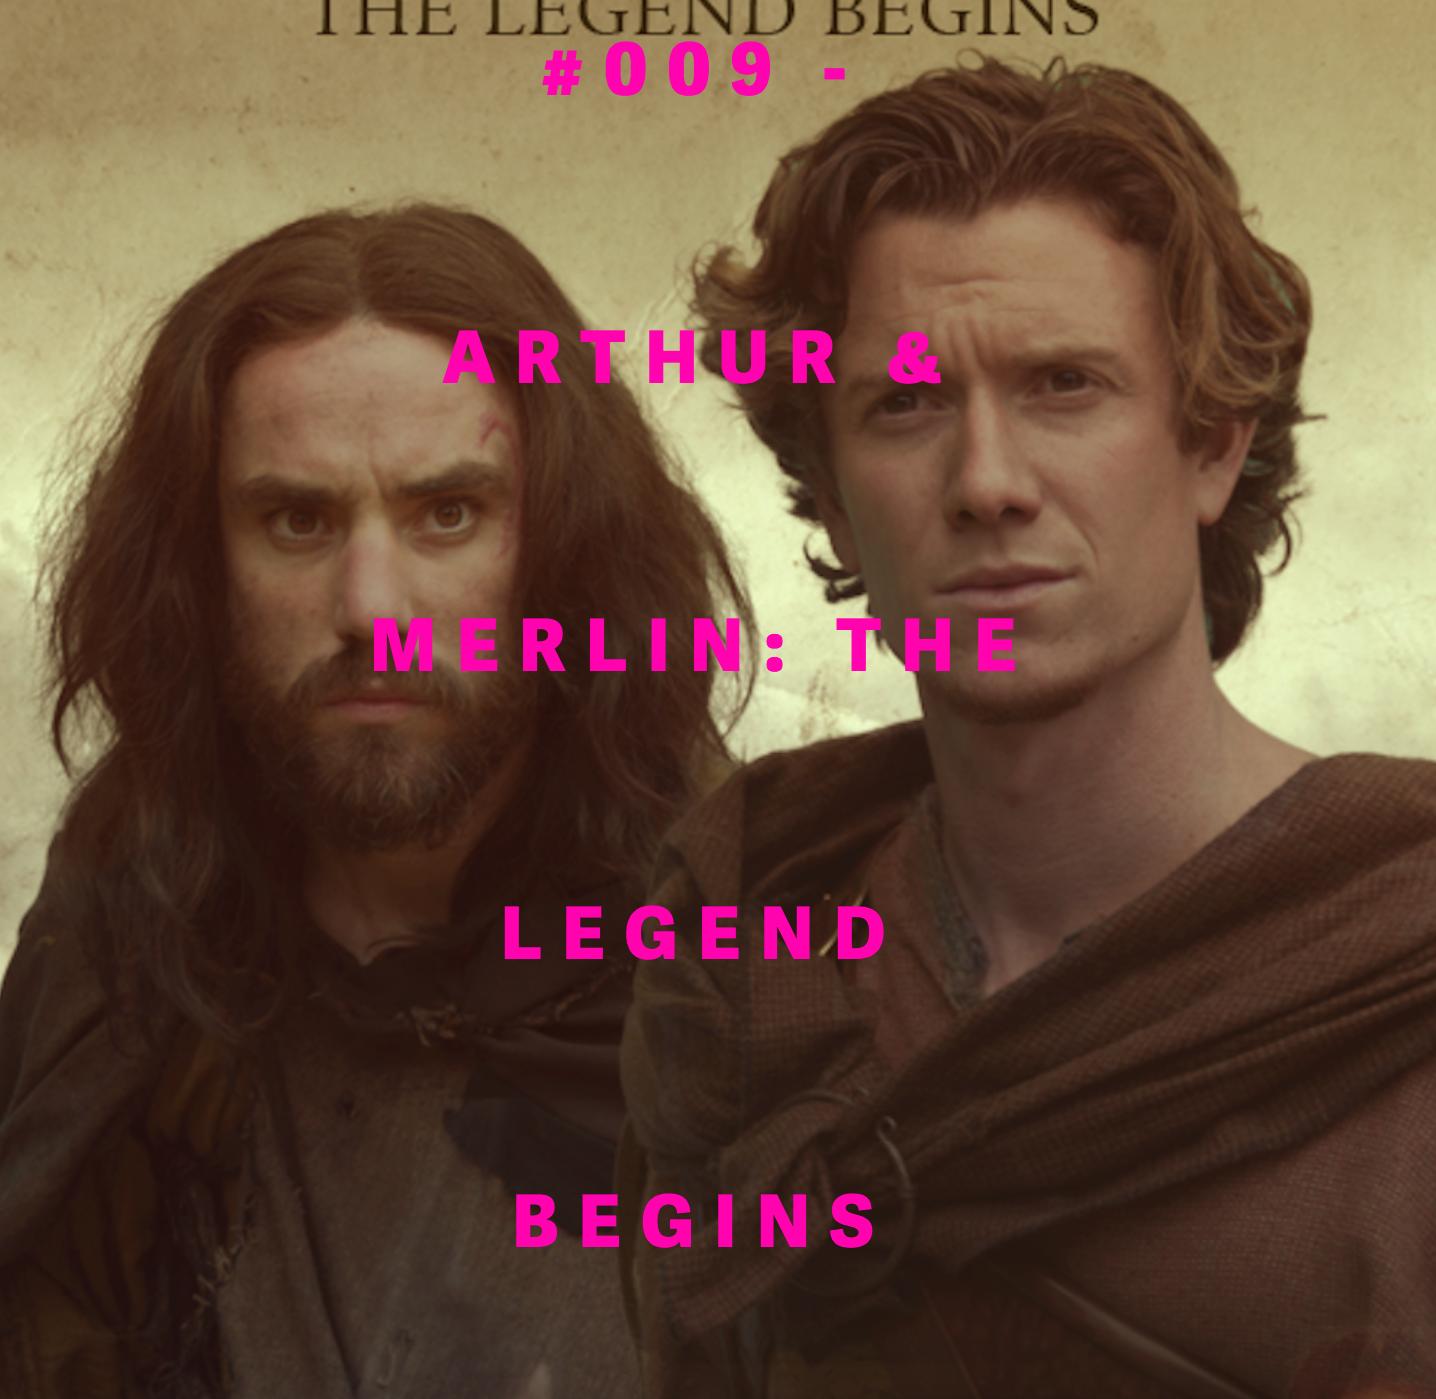 ARTHUR & MERLIN  #009-MOVIE SPECIAL